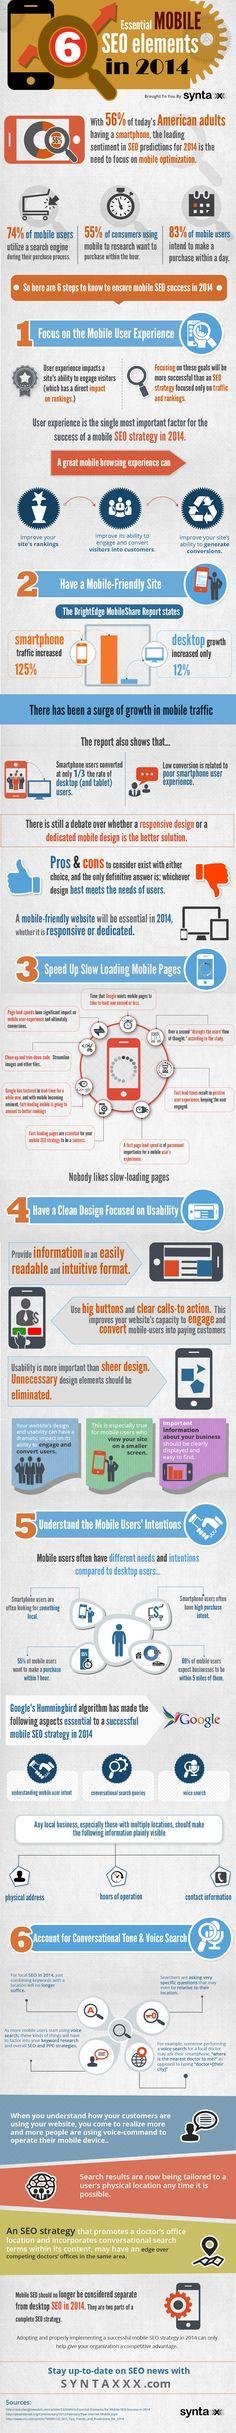 Hola: Una infografía con 6 elementos del SEO móvil. Un saludo Courtesy of: Sytaxxx